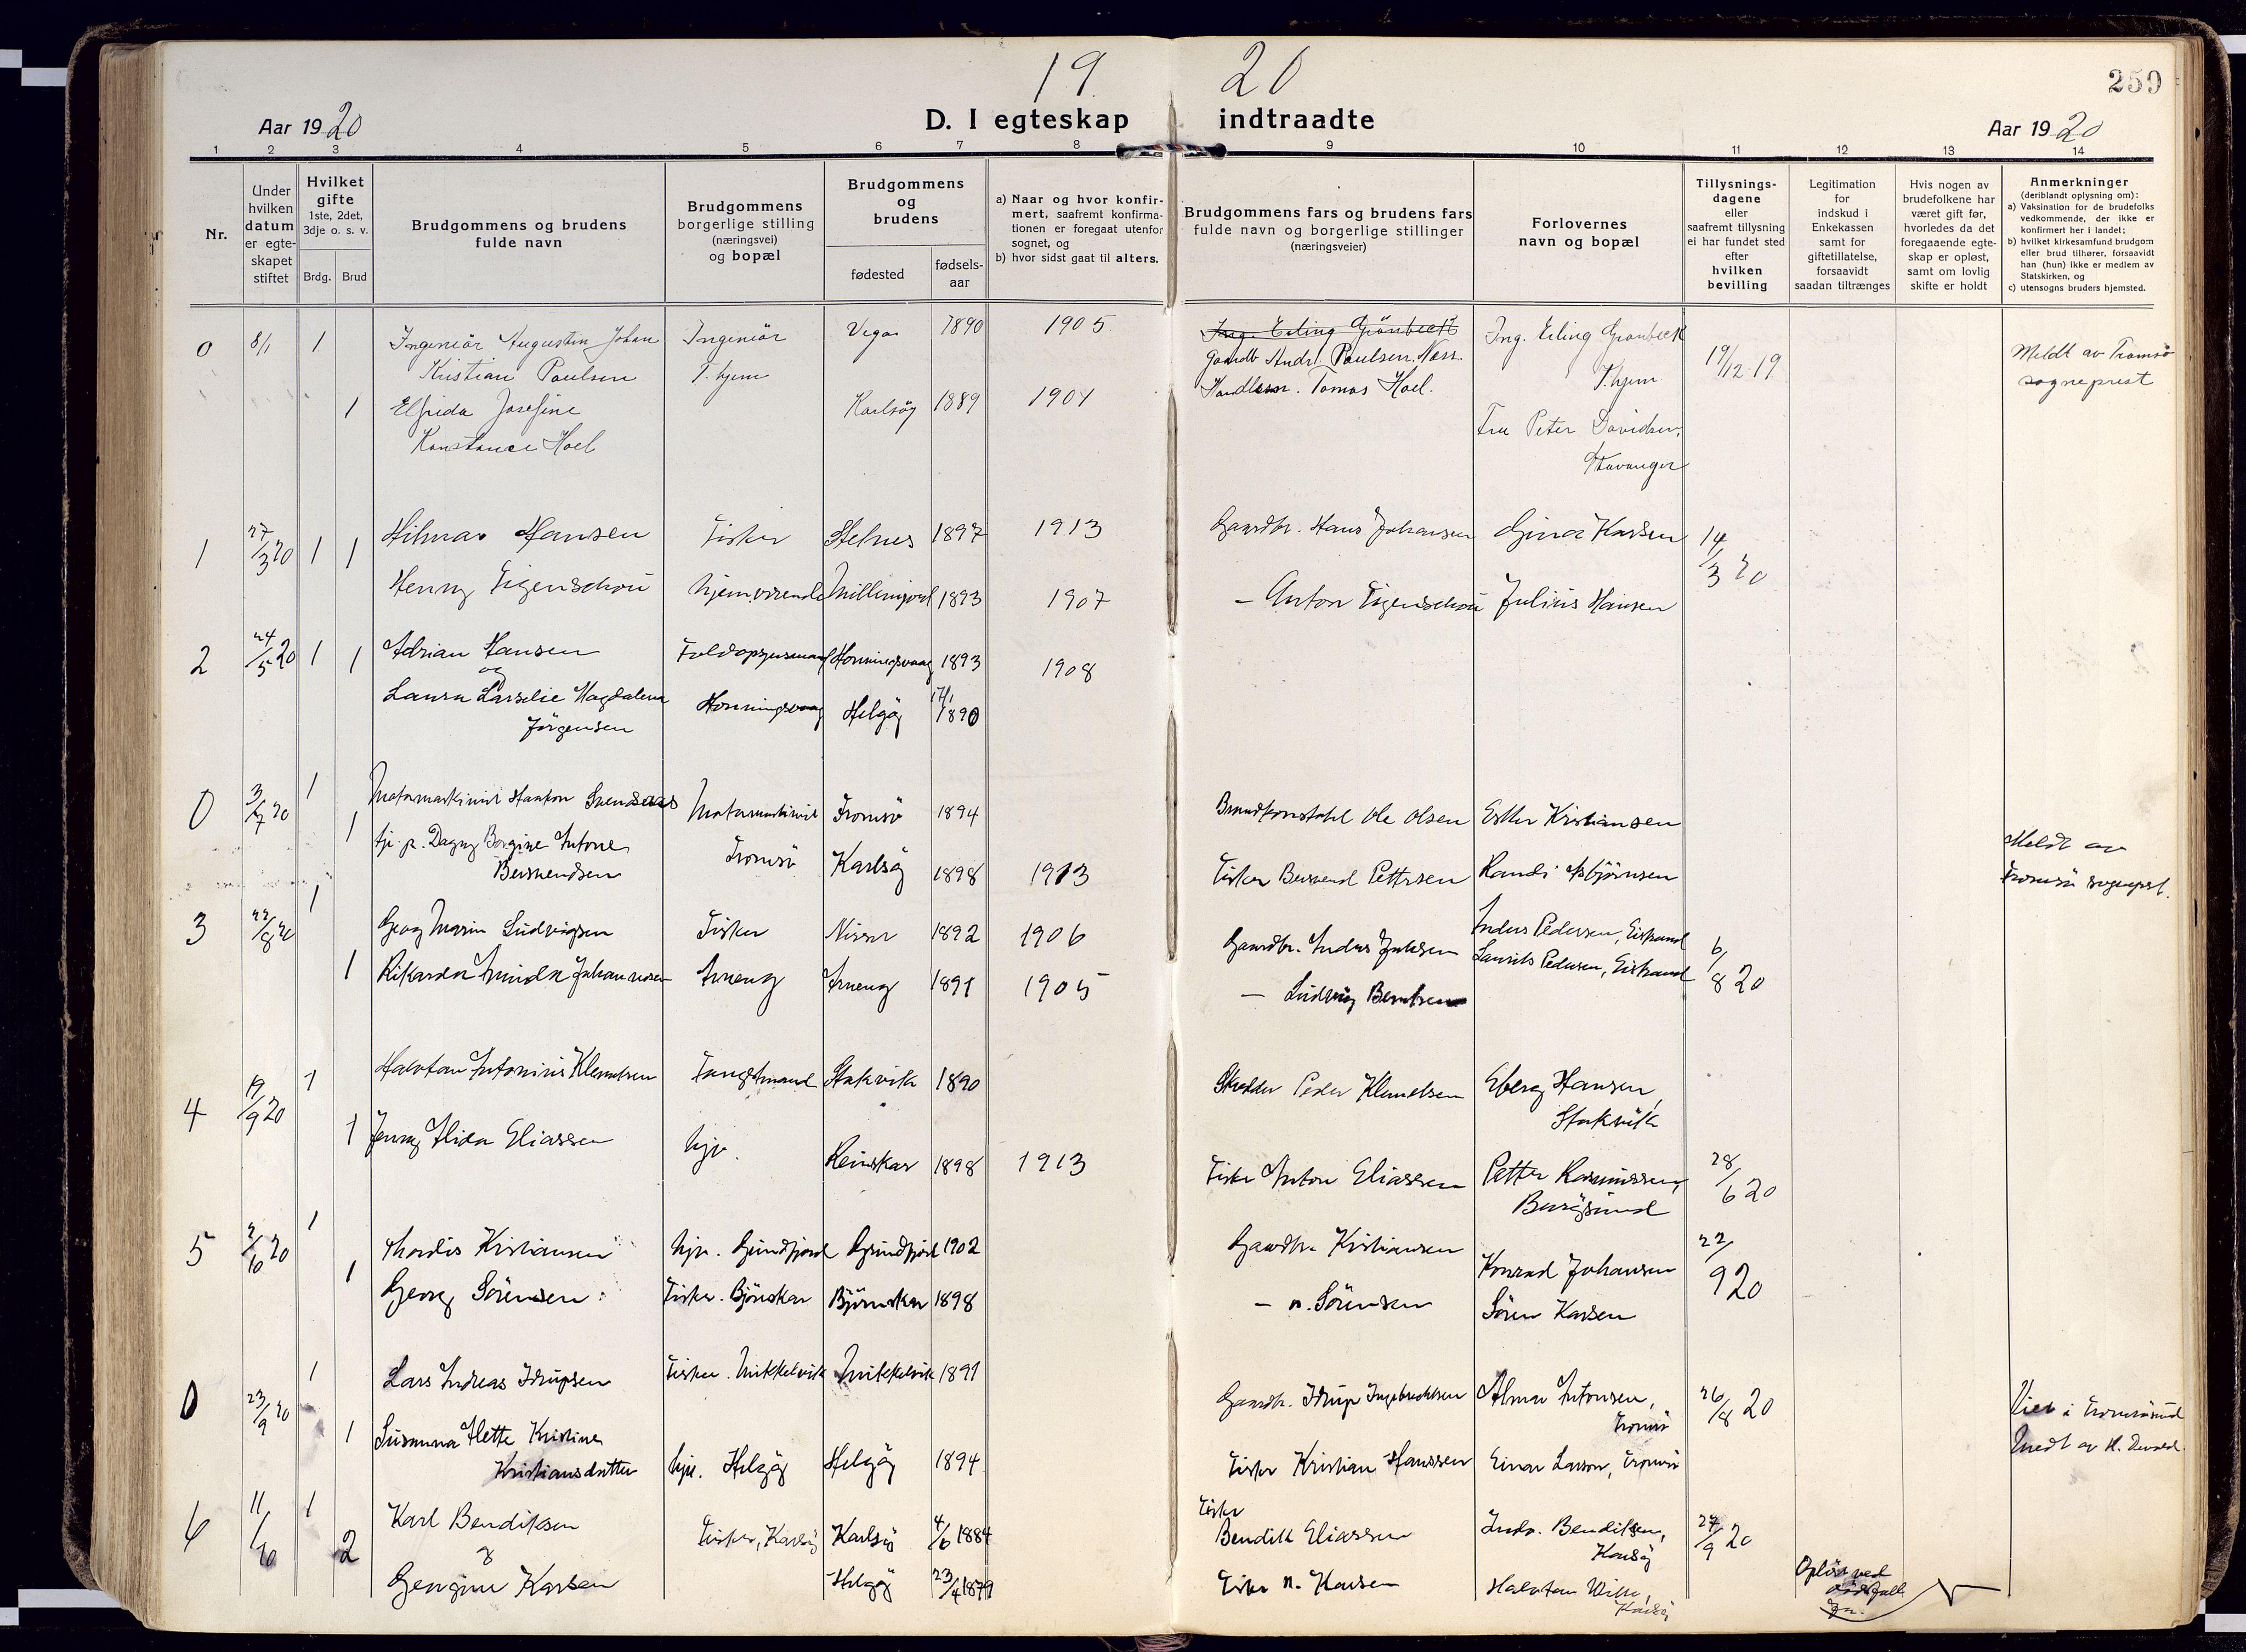 SATØ, Karlsøy sokneprestembete, Ministerialbok nr. 15, 1918-1929, s. 259